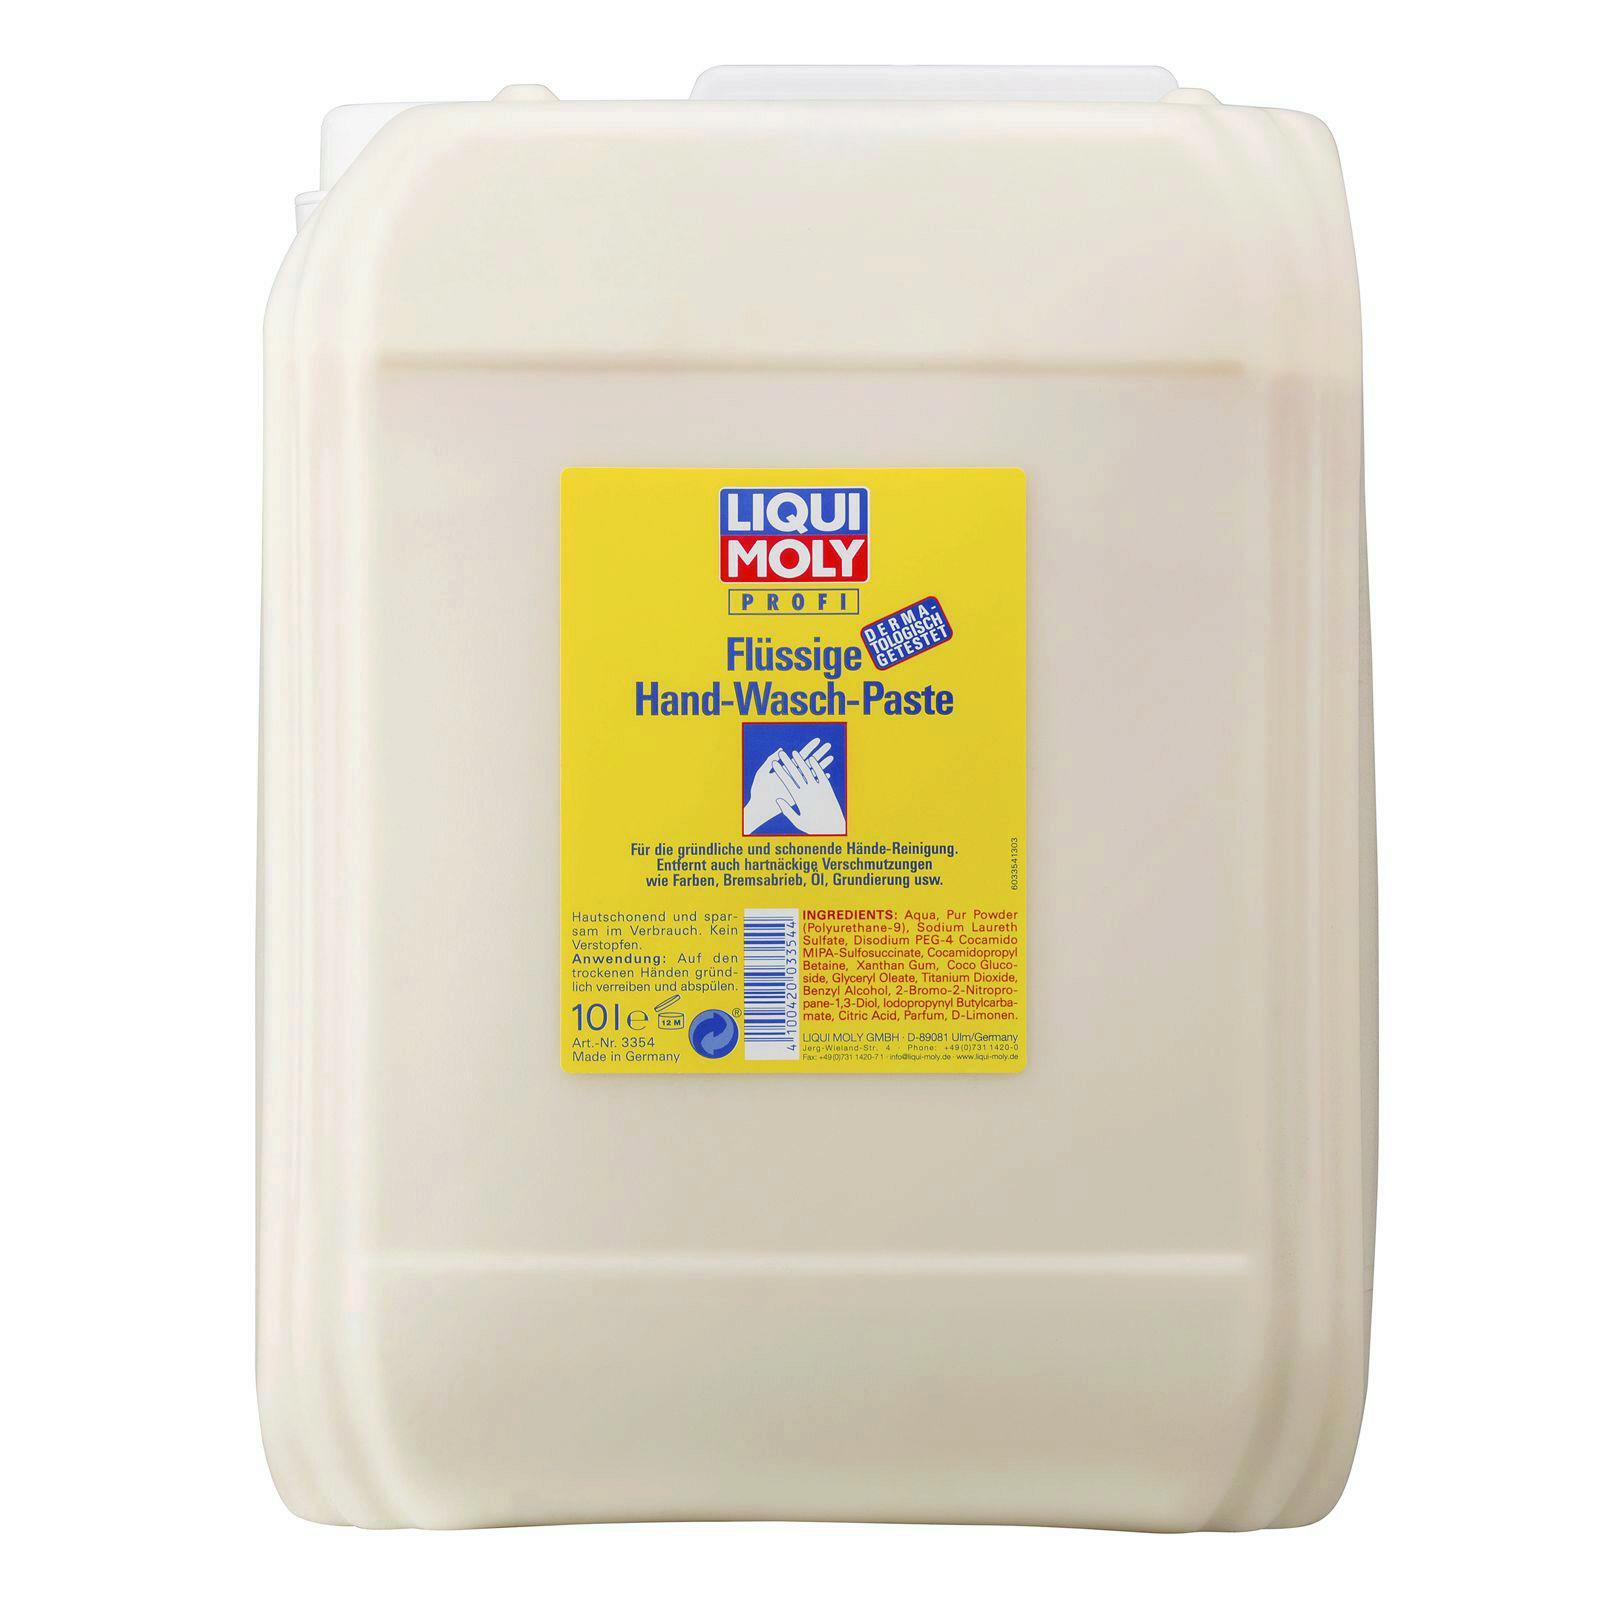 Liqui Moly Flüssige Hand-Wasch-Paste 10l